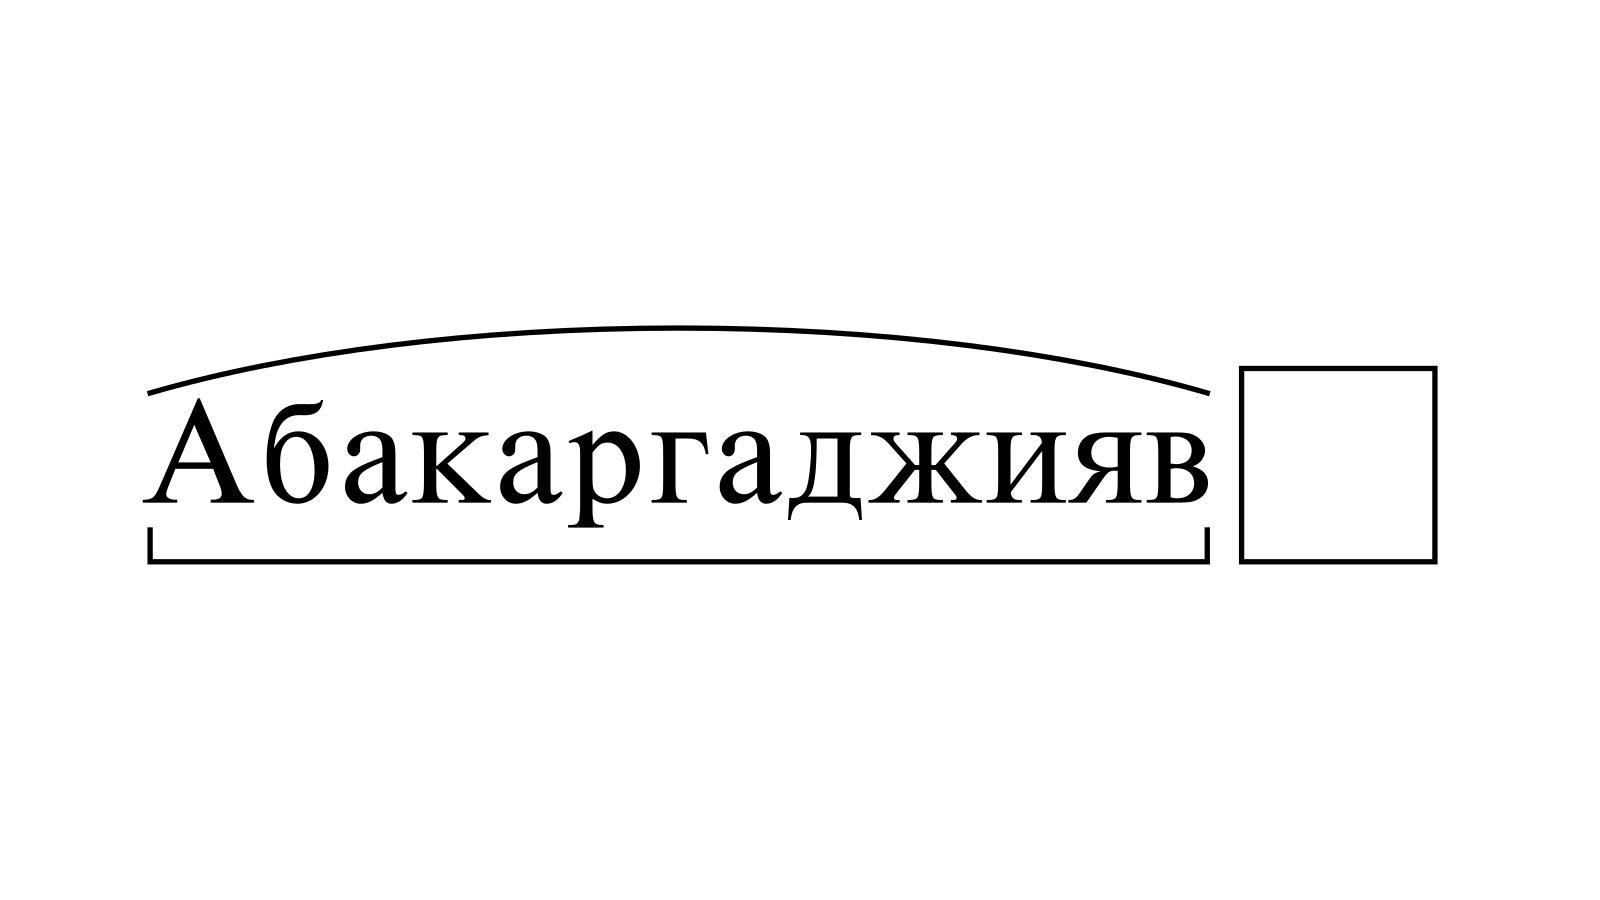 Разбор слова «Абакаргаджияв» по составу